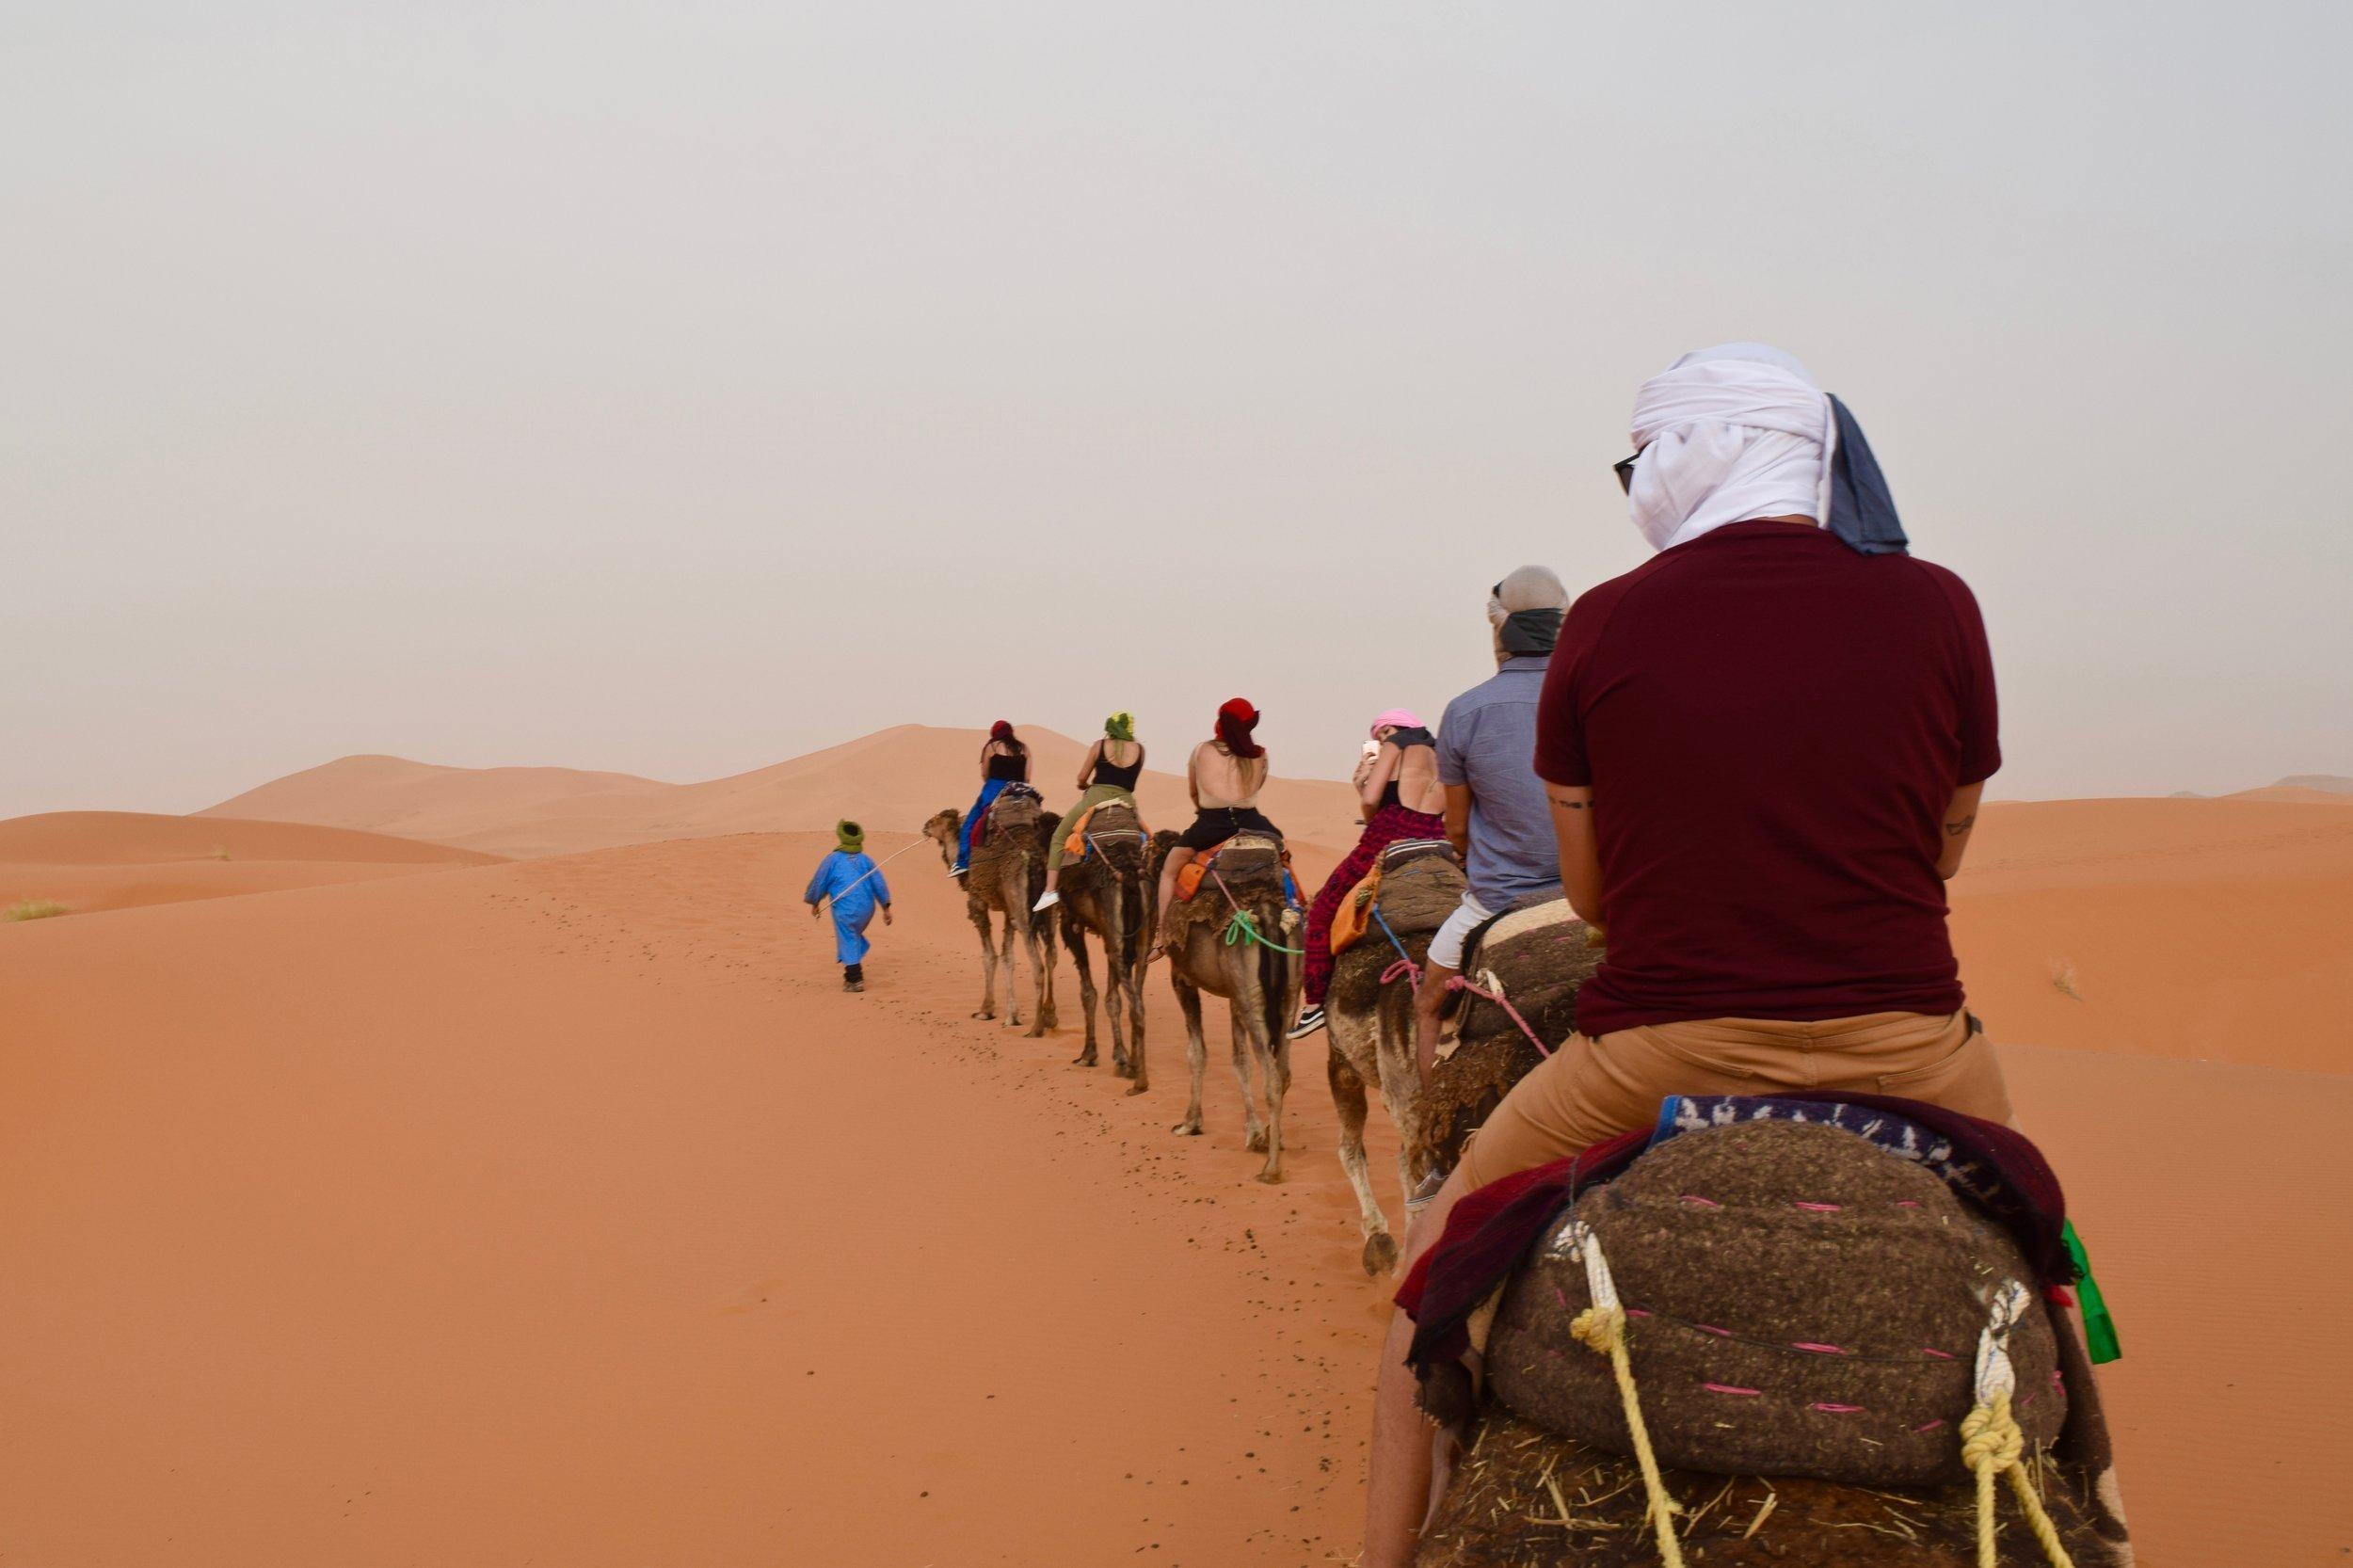 Riding Camel Sahara Desert Morocco